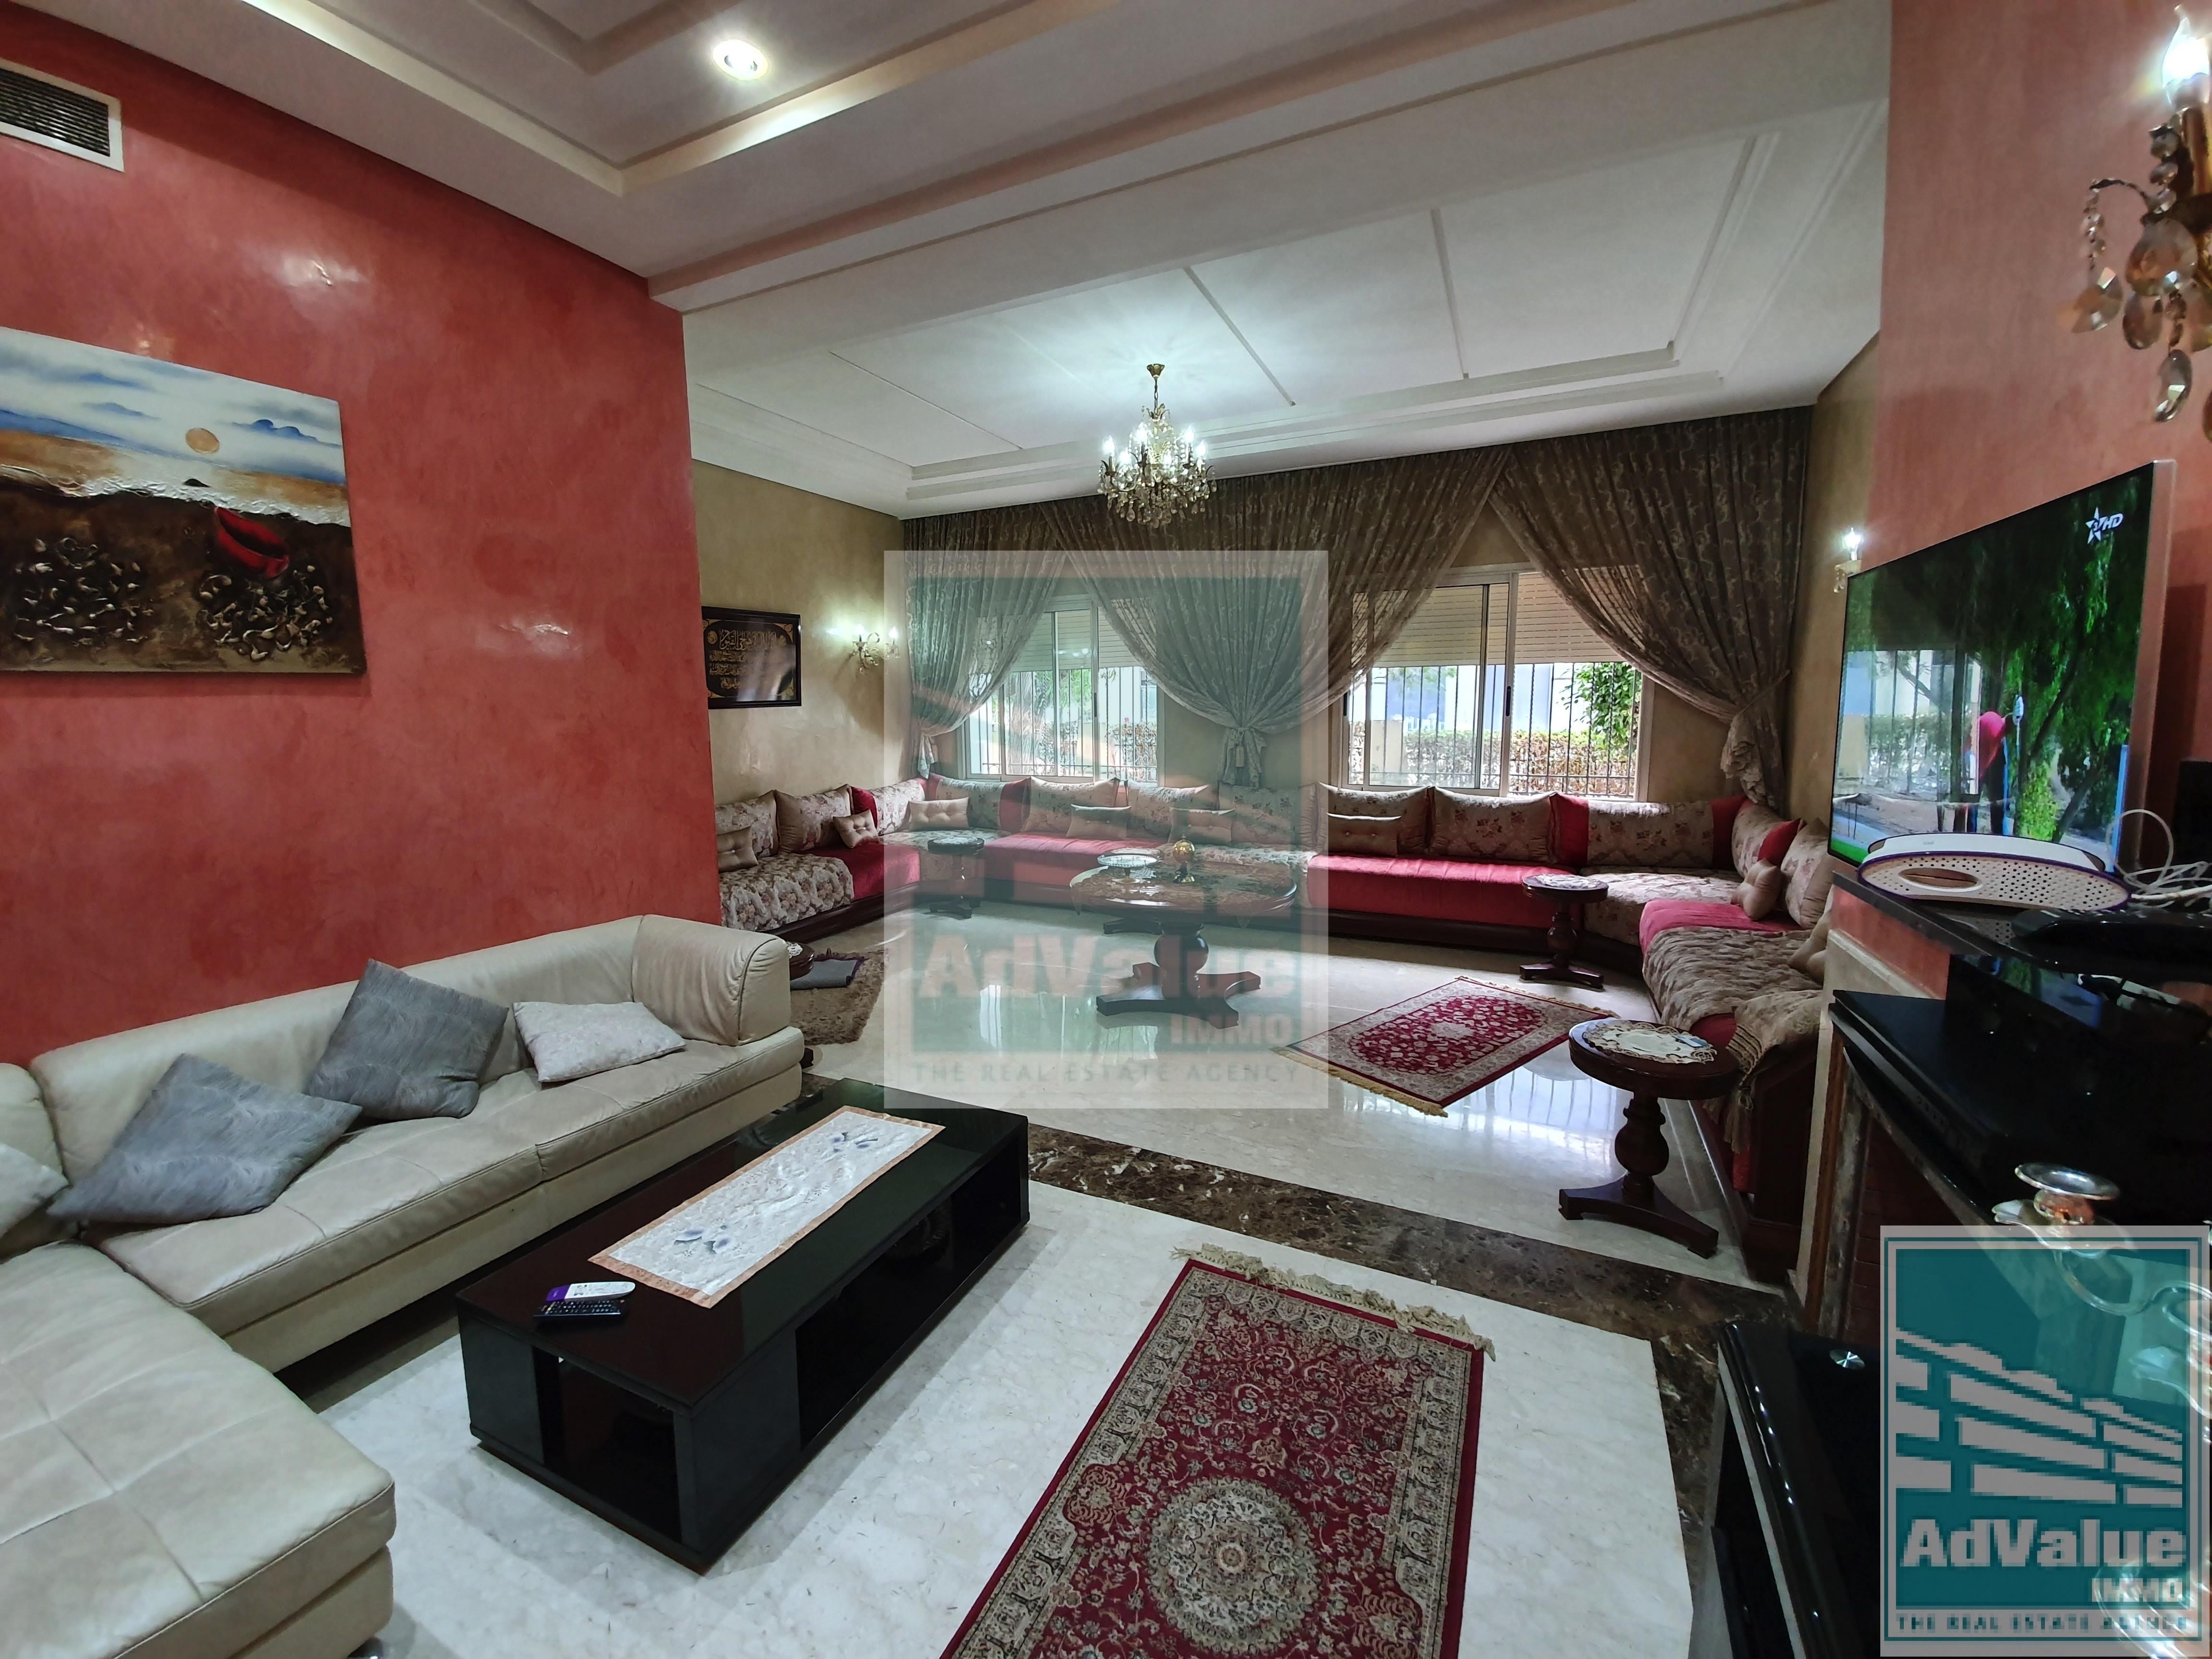 DV.529  Paisible appartement à l'oasis, superbes prestations